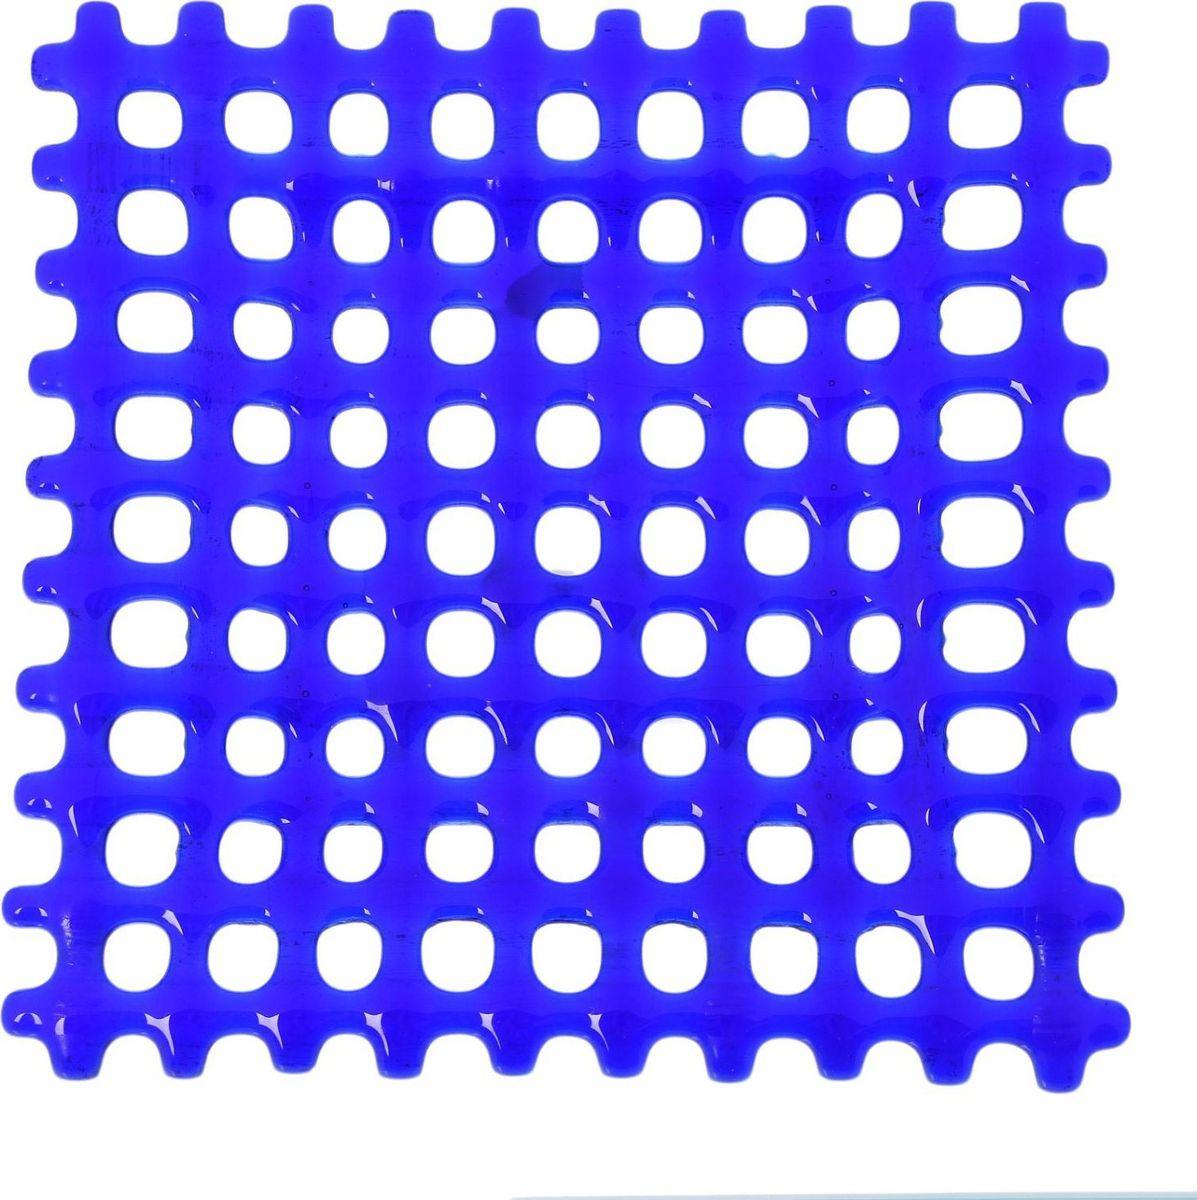 Тарелка декоративная Декостек Соломка, цвет: синий, 21 см. 22617612261761Оригинальная посуда — свидетельство особого отношения хозяев дома к гостям. Изделия изготовлены необычным образом: несколько видов стекла спекаются в печи при температуре около 800 градусов. В результате этого получается уникальный продукт, по внешнему виду сходный с витражом. Стекло, полученное с помощью фьюзинга, отличают особенная прозрачность и глубина цвета, оно сохраняет оттенок и не подвержено старению.Особенности предмета:тщательная обработка рельефа поверхности;высококачественный узор;высокая прочность – изделия можно мыть в посудомоечной машине.Такой предмет станет прекрасным подарком по любому случаю. В комплект входит подставка и декоративная коробка.